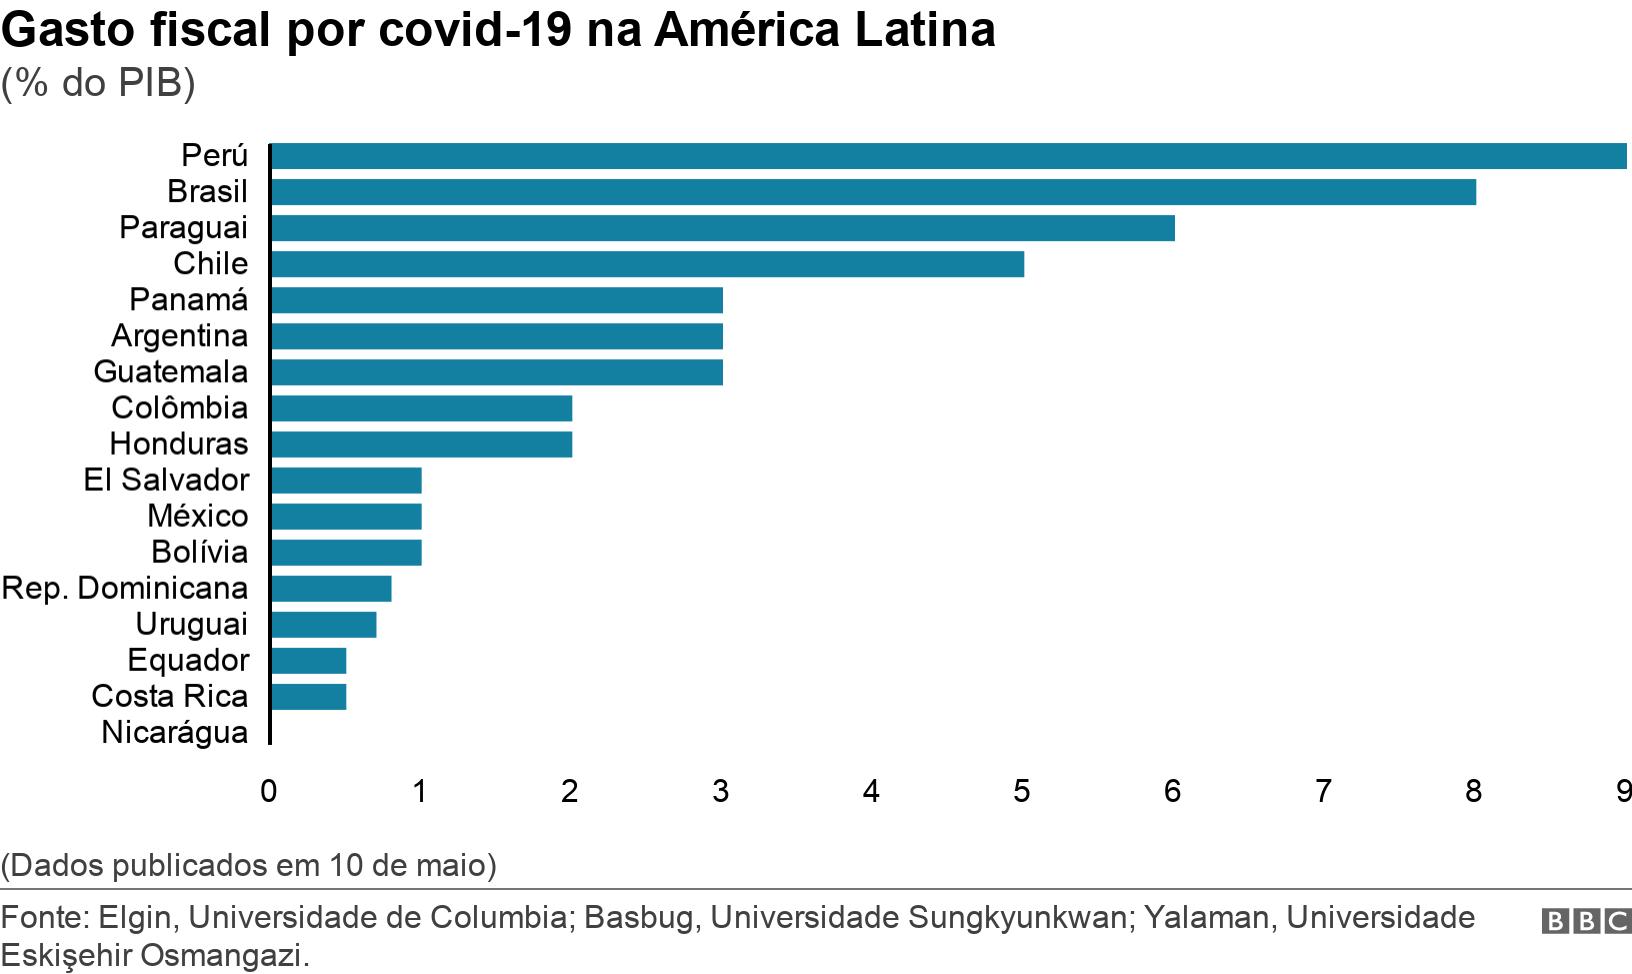 Gasto fiscal por covid-19 na América Latina. (% do PIB).  (Dados publicados em 10 de maio).